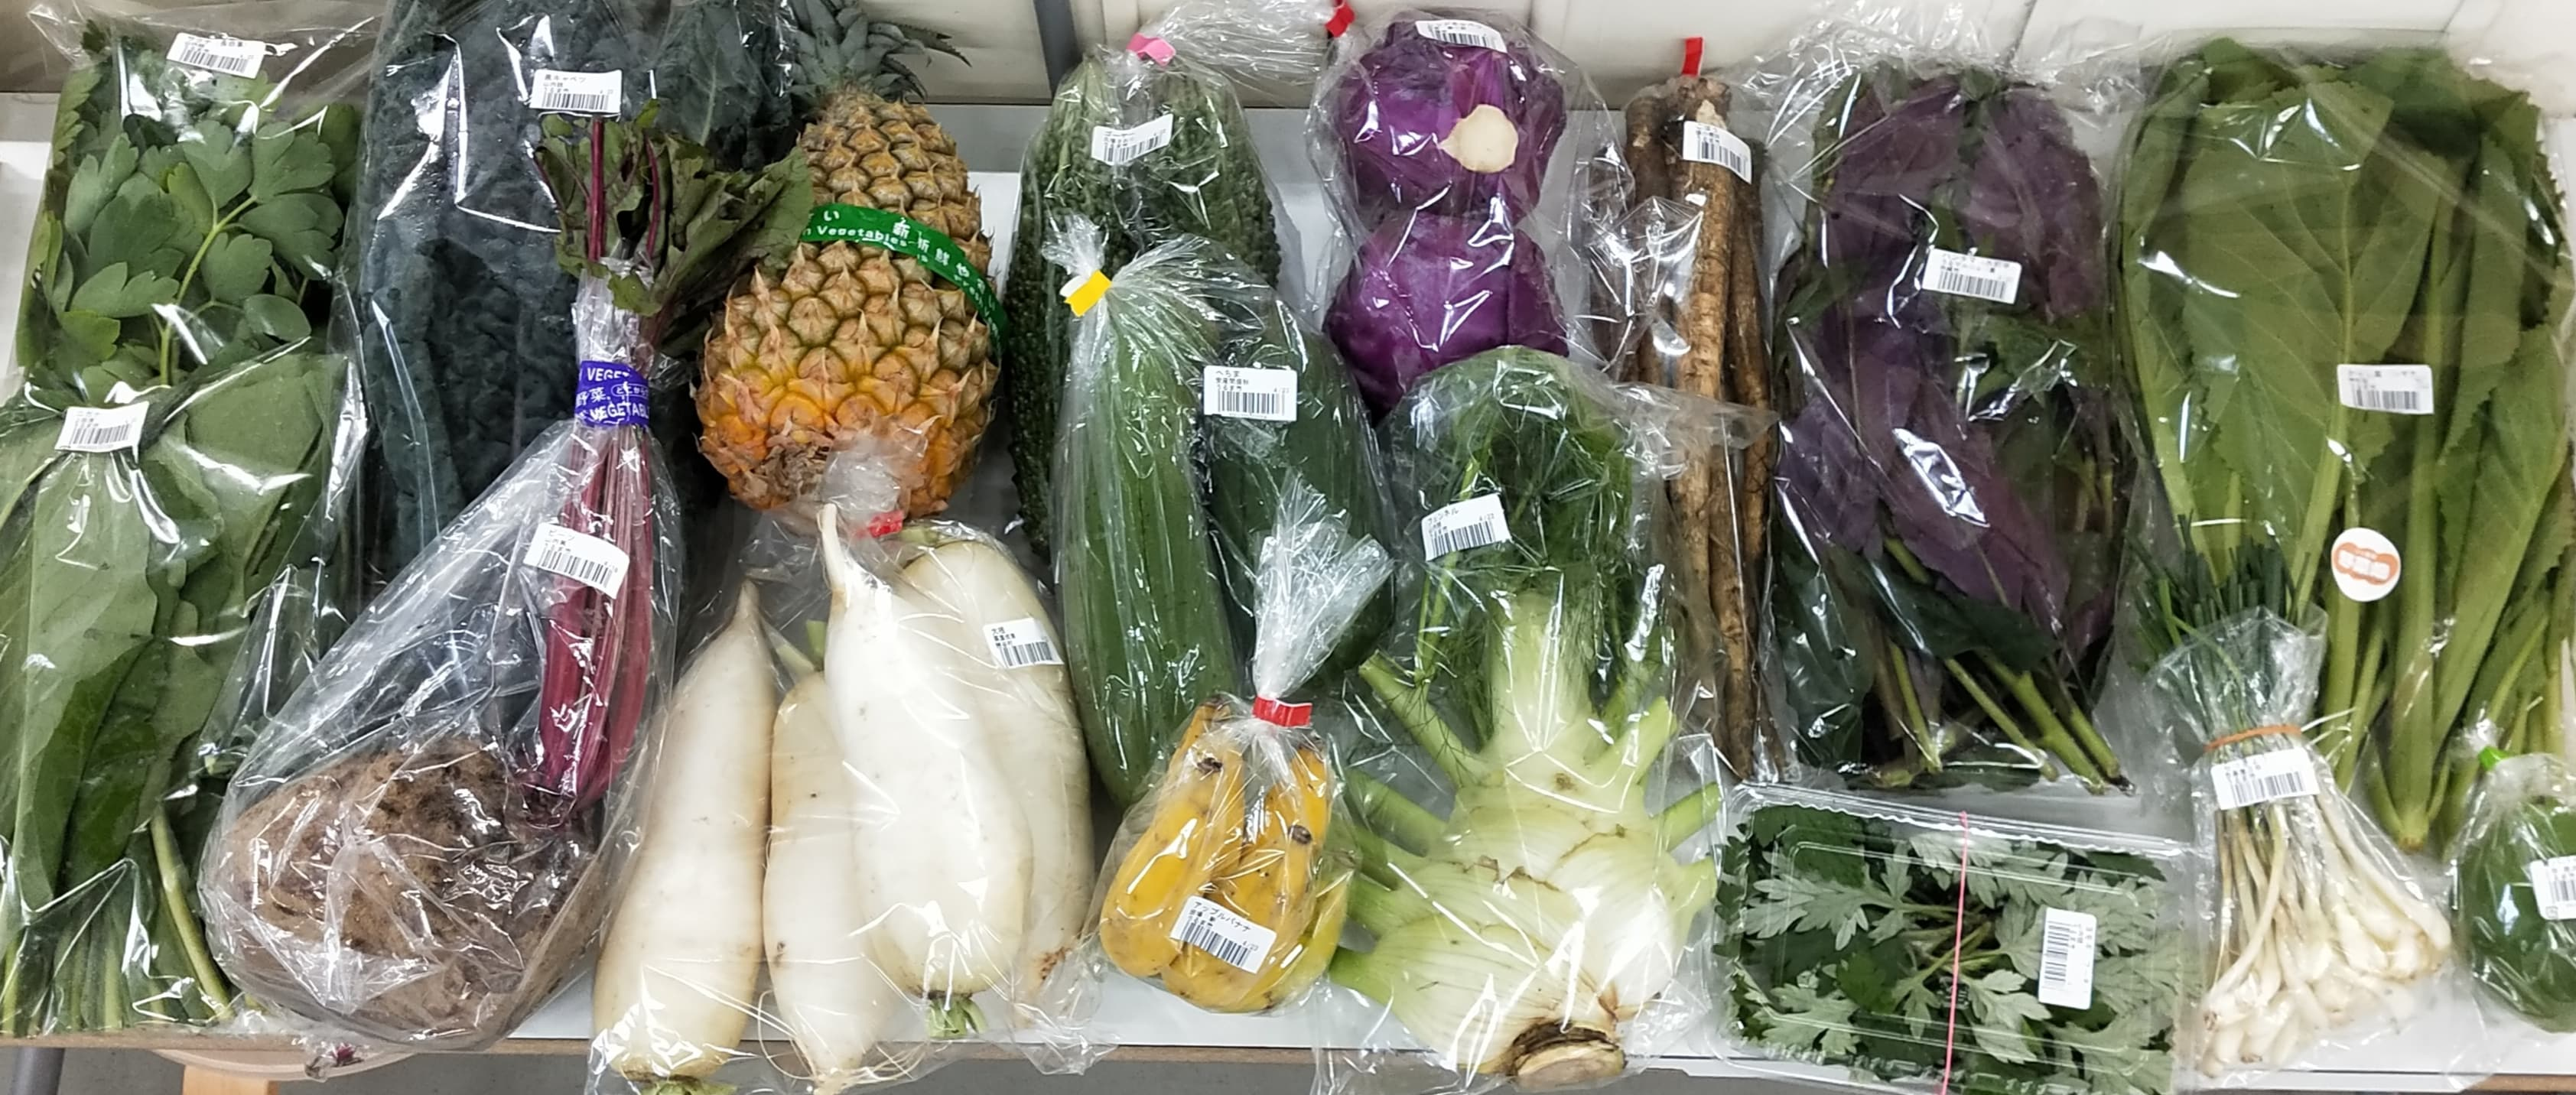 <内容例1> 沖縄伝統野菜:サクナ、ニガナ、ハンダマ、ヨモギ、島らっきょう、ヘチマ、ゴーヤ、イーチョーバー 野菜:カーボロネロ、ビーツ、大根、紫キャベツ、ごぼう、からし菜、青パパイヤ 果物:スナックパイン、アップルバナナ